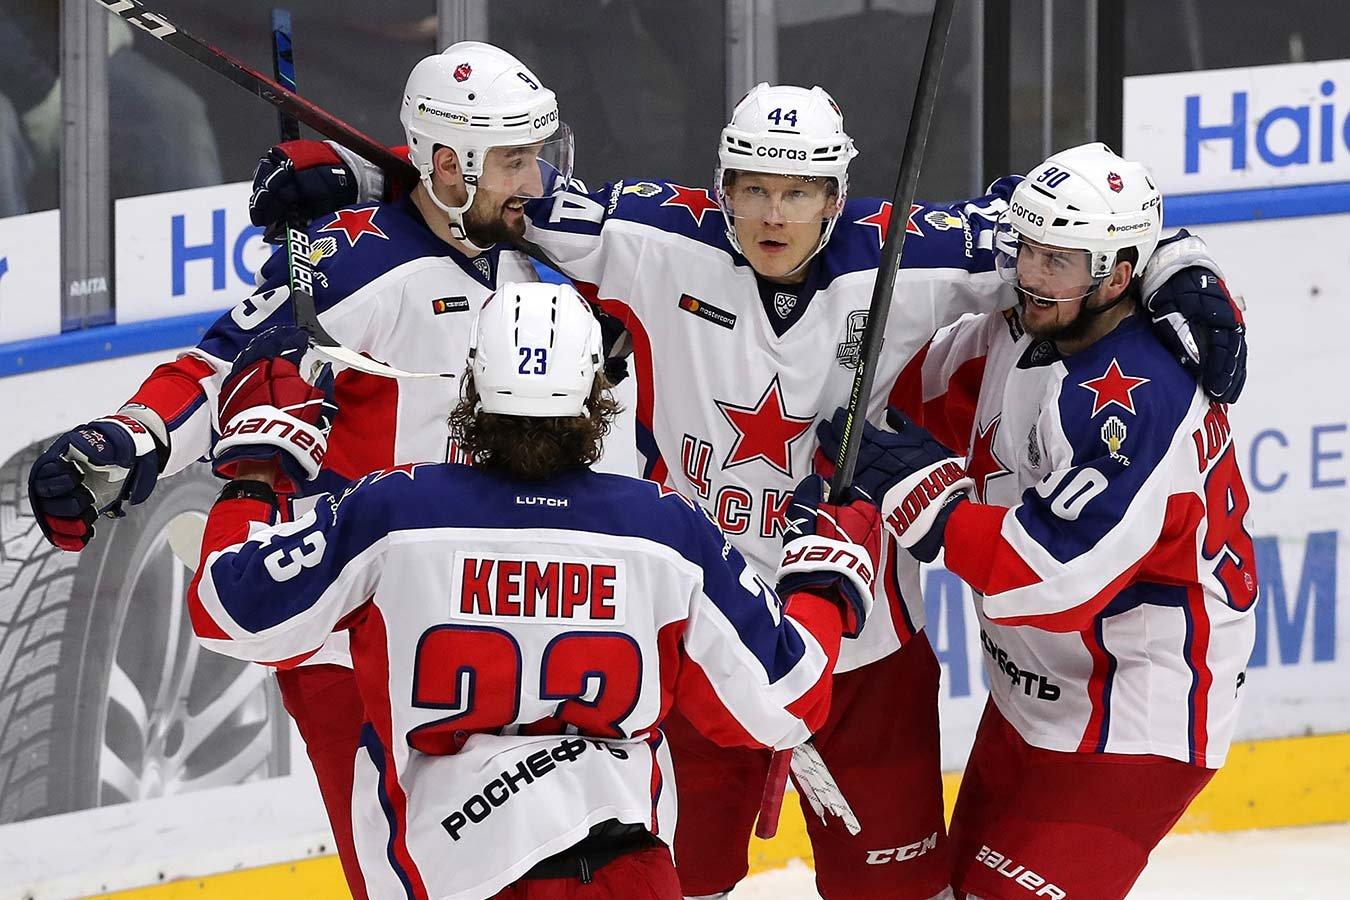 Любитель хоккея из «Фонбет» поставил ₽100 тыс. на СКА в матче с ЦСКА